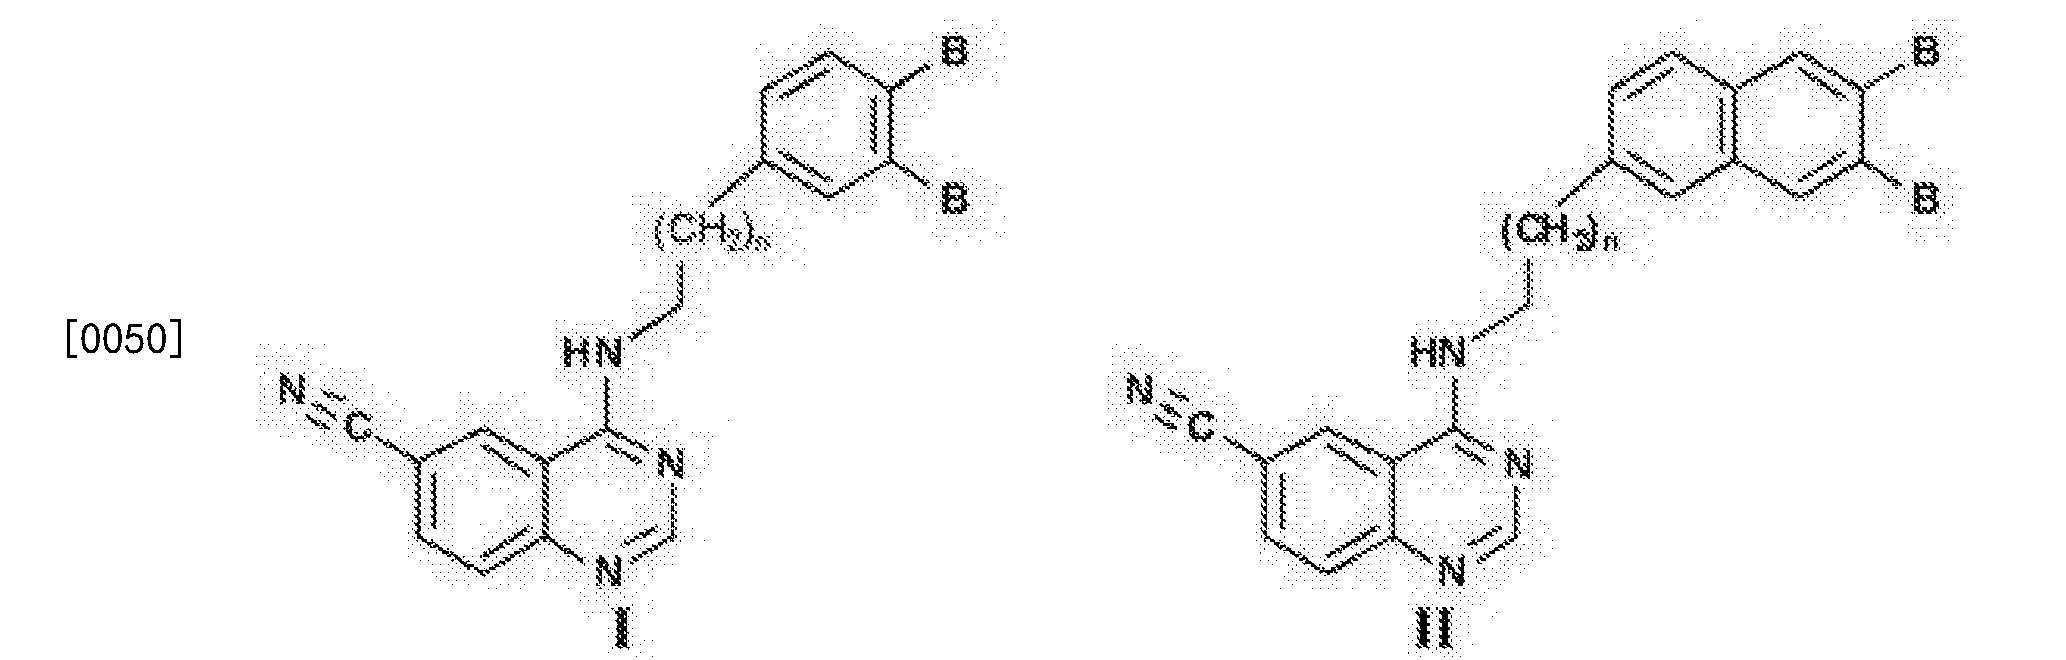 Figure CN104363913BD00111